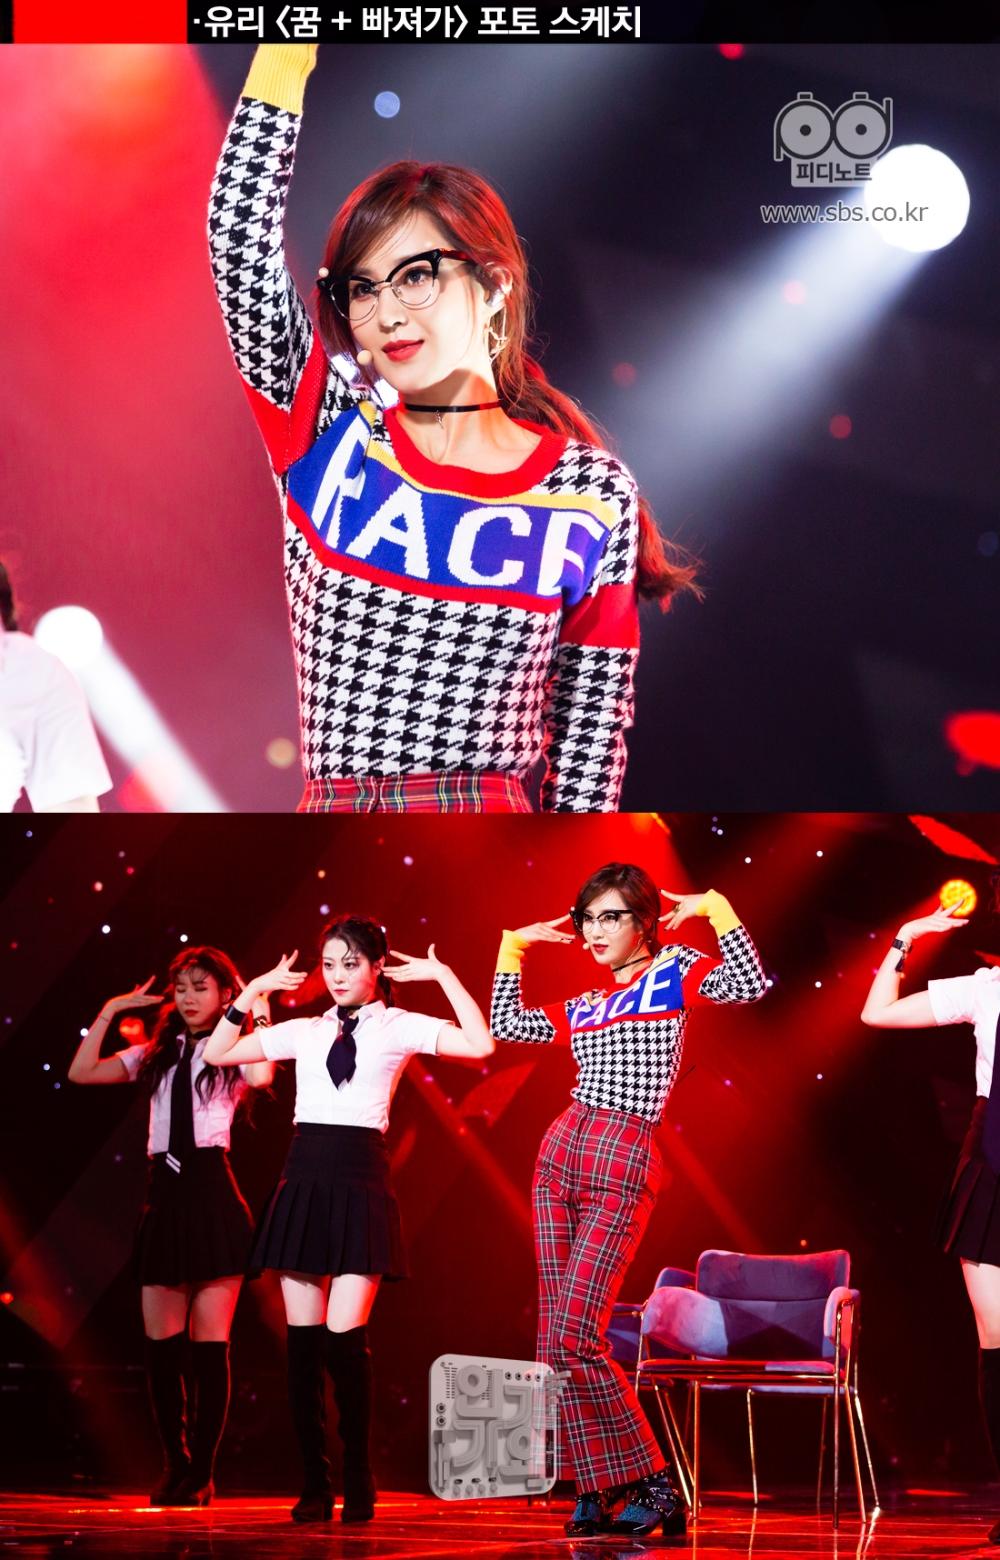 소녀시대 유리가 솔로 컴백을 했다.